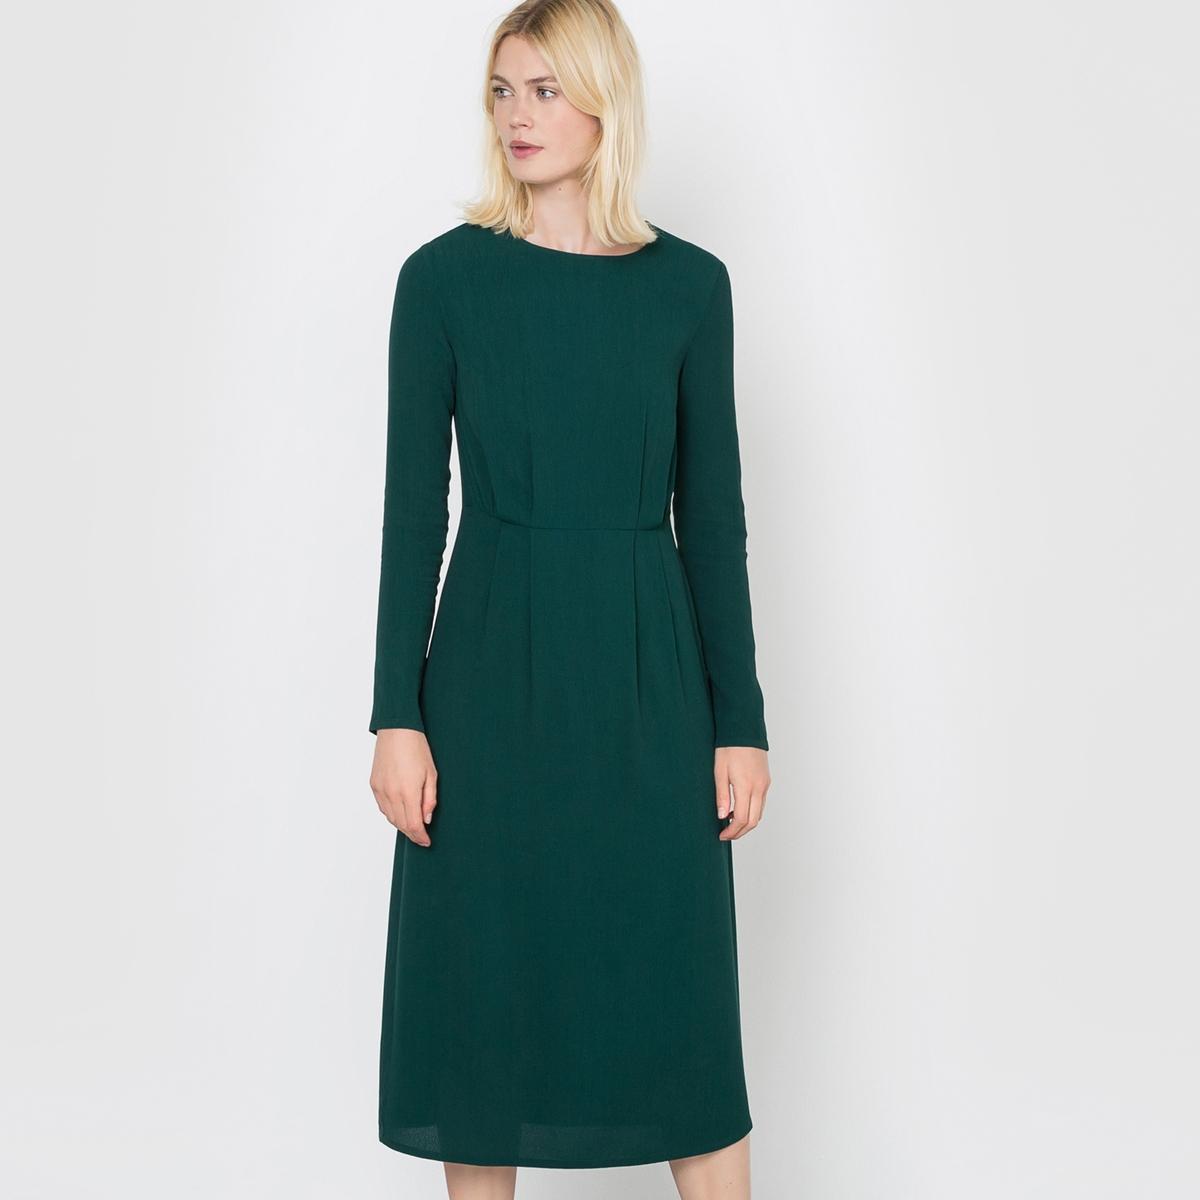 Платье длинное из крепаСостав и описаниеМатериал : 100% вискозаДлина : 115 см.Марка : R studio.Уход:Машинная стирка при 30 °C в деликатном режимеСтирать с вещами схожих цветовСтирать и гладить с изнанкиГладить при низкой температуре.Запрещено отбеливаниеМашинная сушка запрещена<br><br>Цвет: темно-зеленый<br>Размер: 36 (FR) - 42 (RUS).38 (FR) - 44 (RUS).44 (FR) - 50 (RUS)